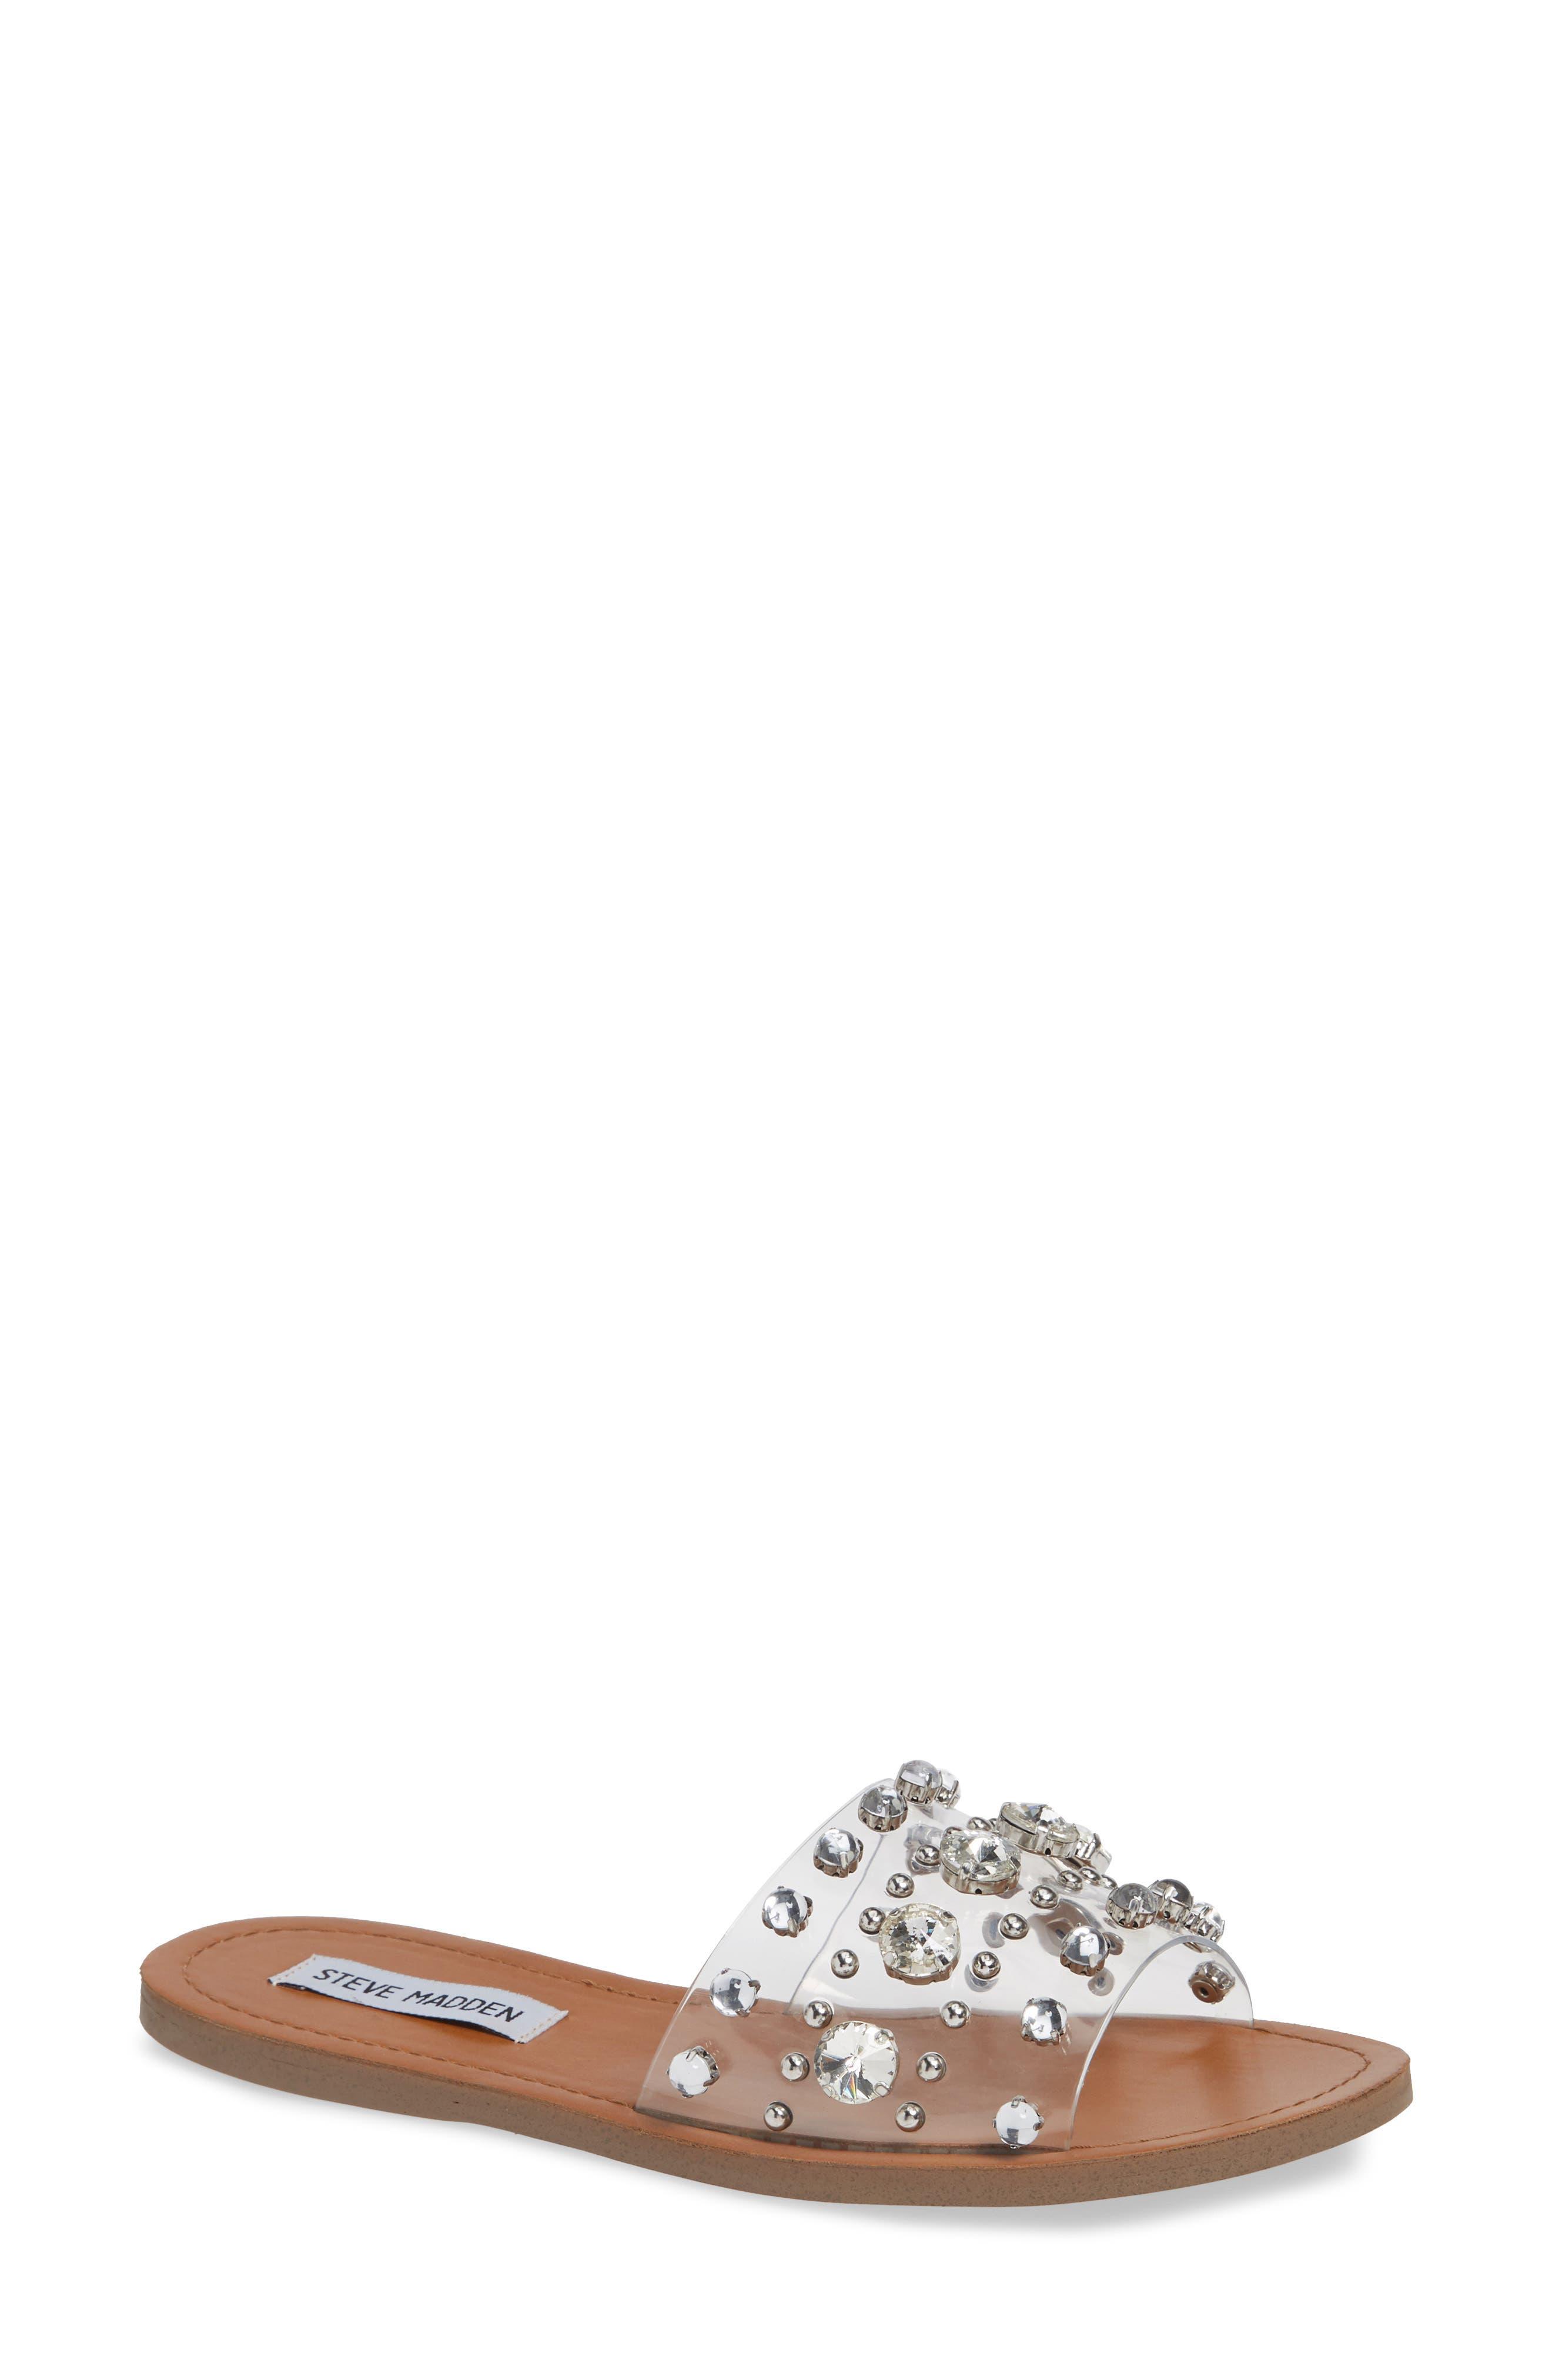 Regent Embellished Slide Sandal,                             Main thumbnail 1, color,                             CLEAR